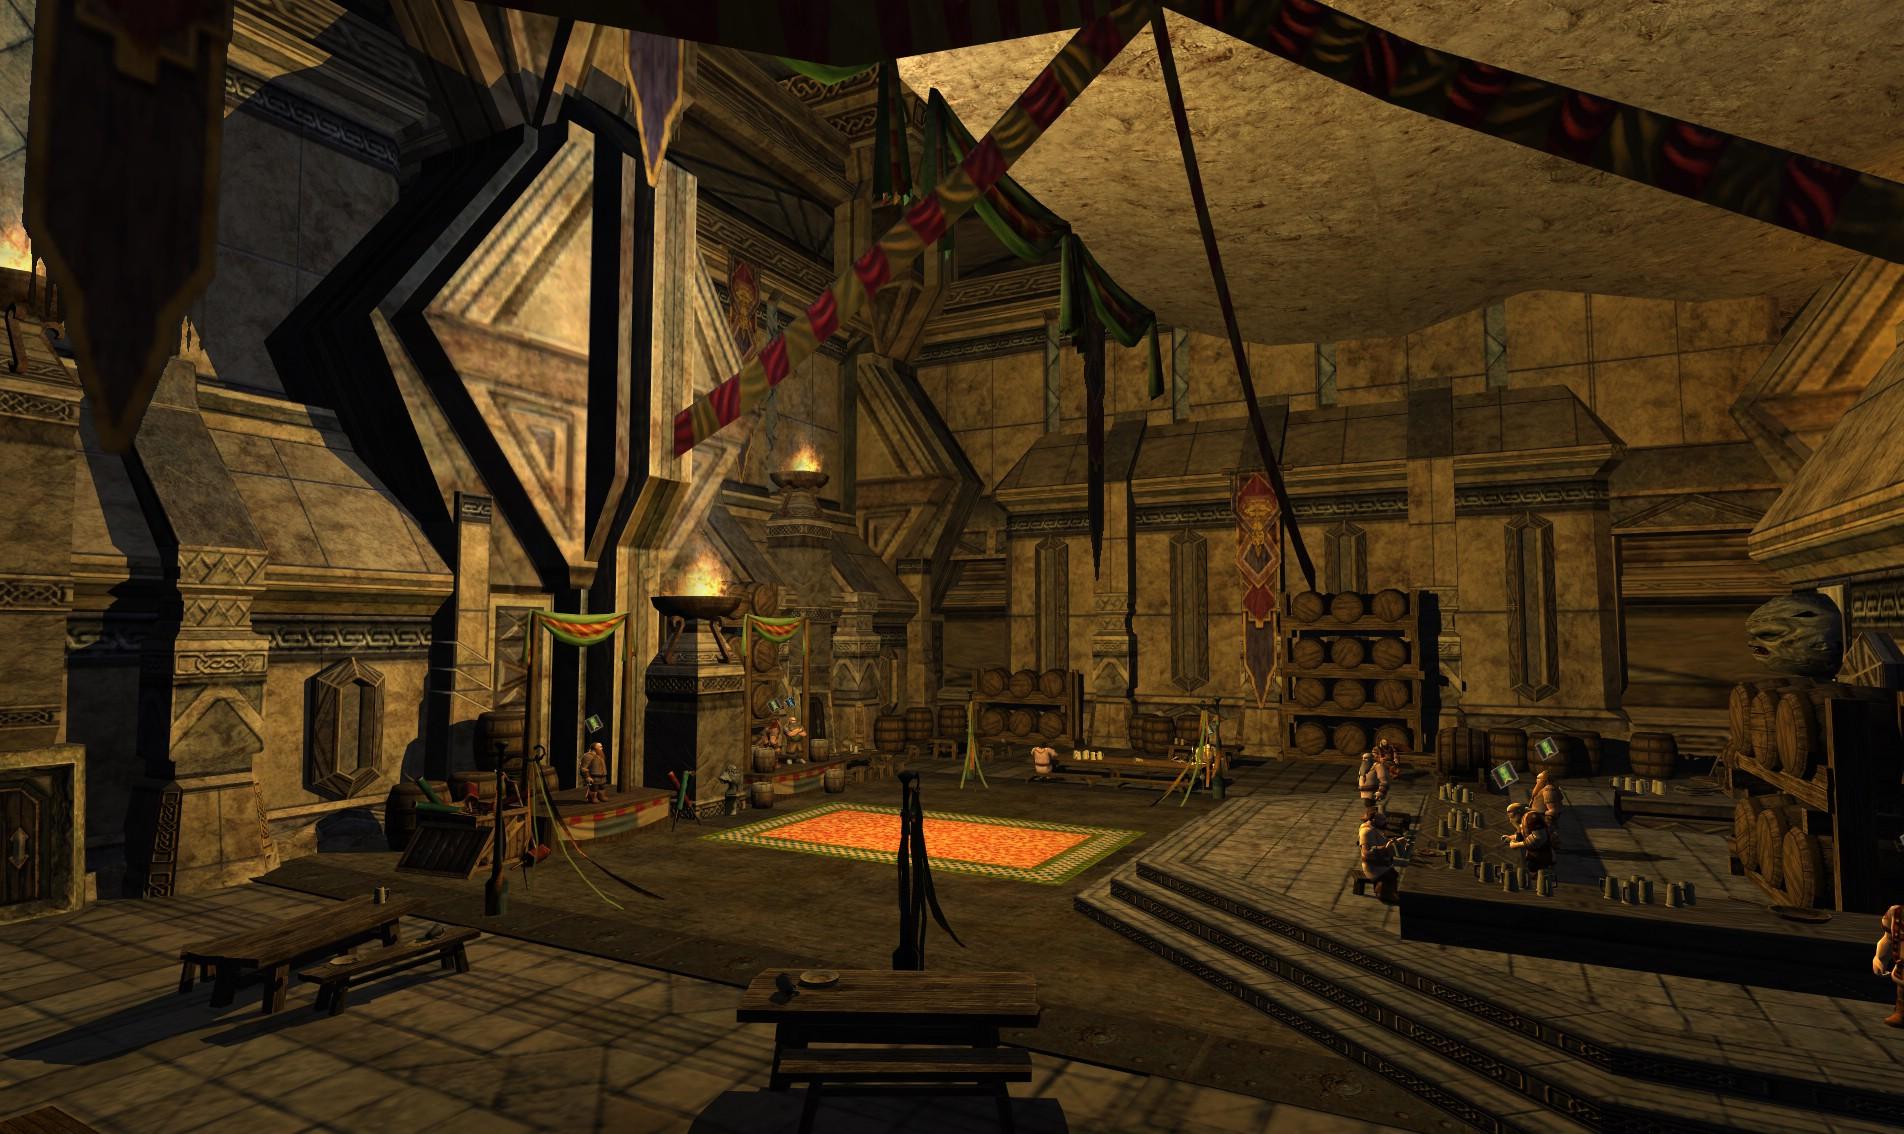 La taverne du Palais de Thorin